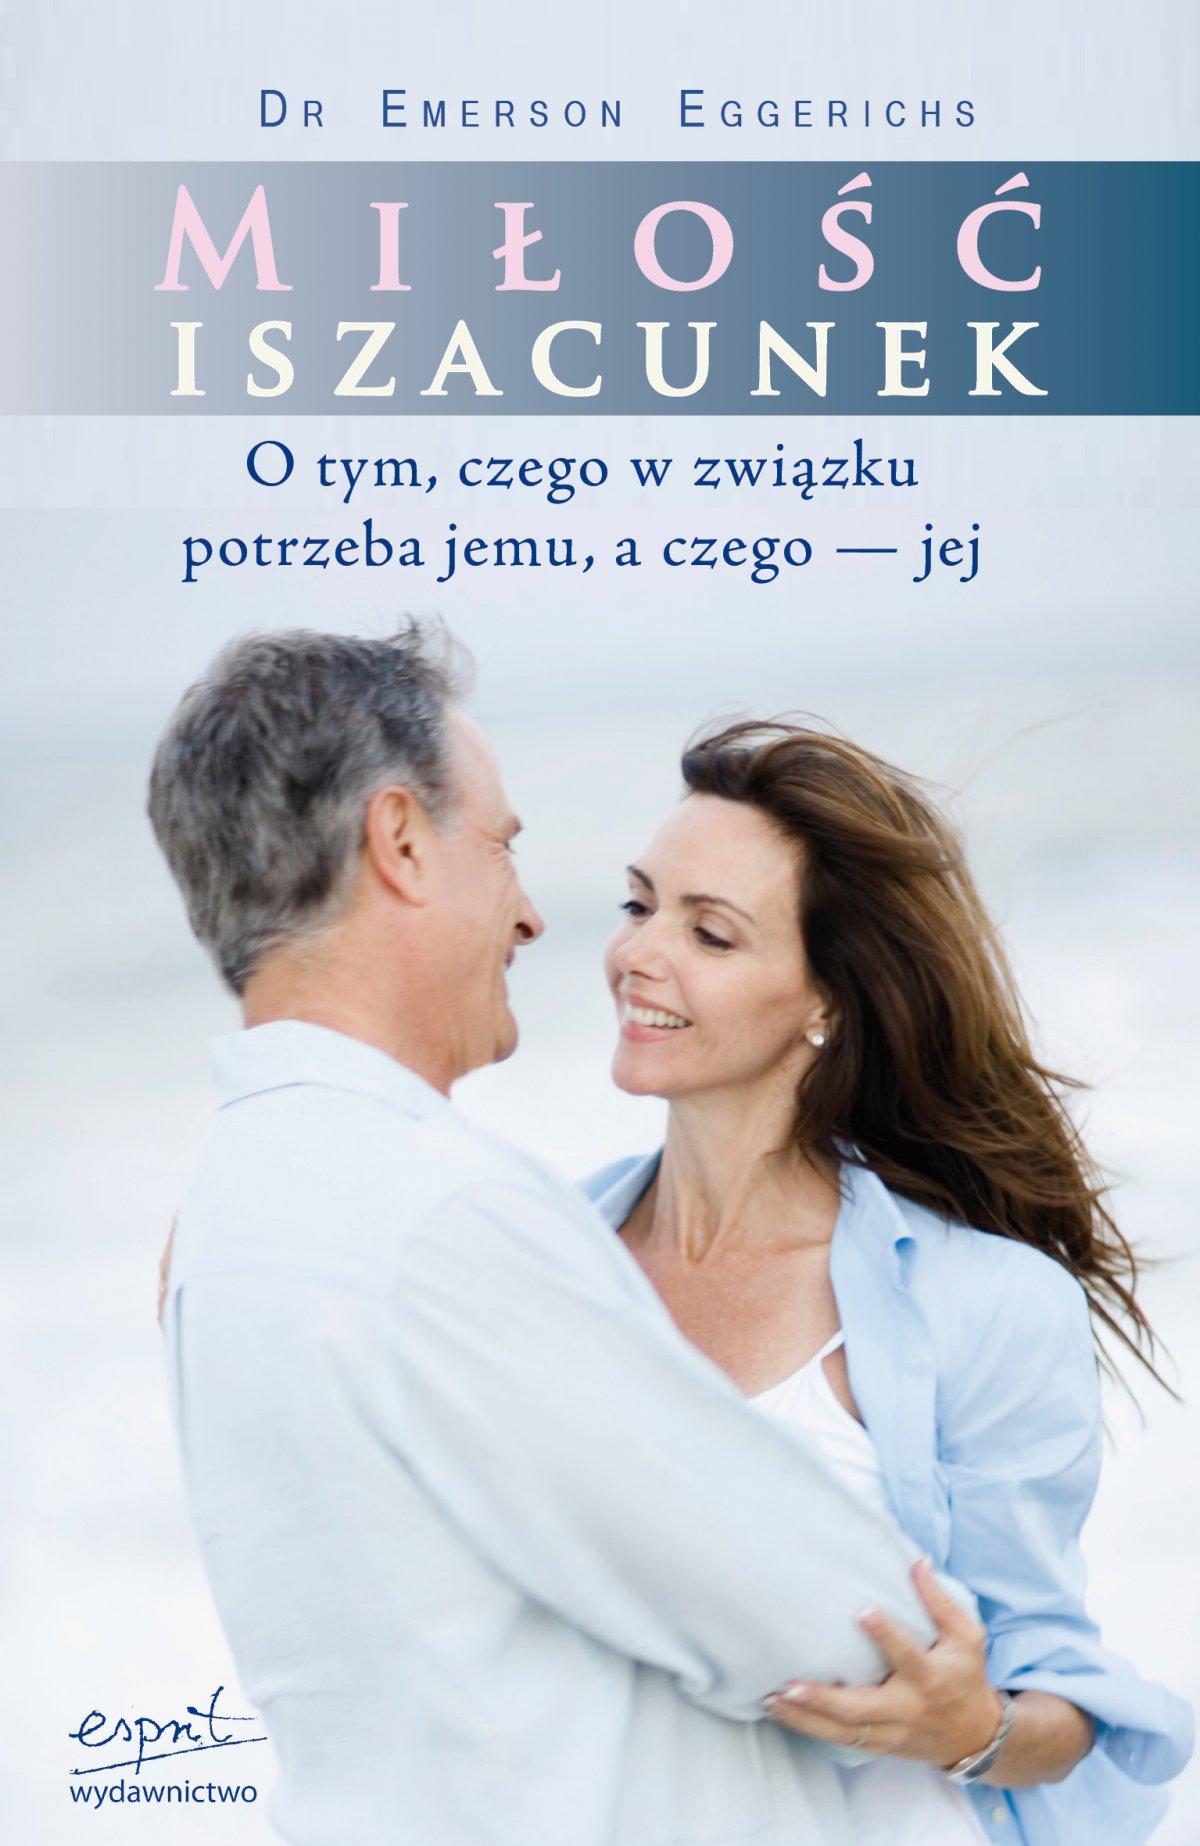 Miłość i szacunek - Ebook (Książka na Kindle) do pobrania w formacie MOBI